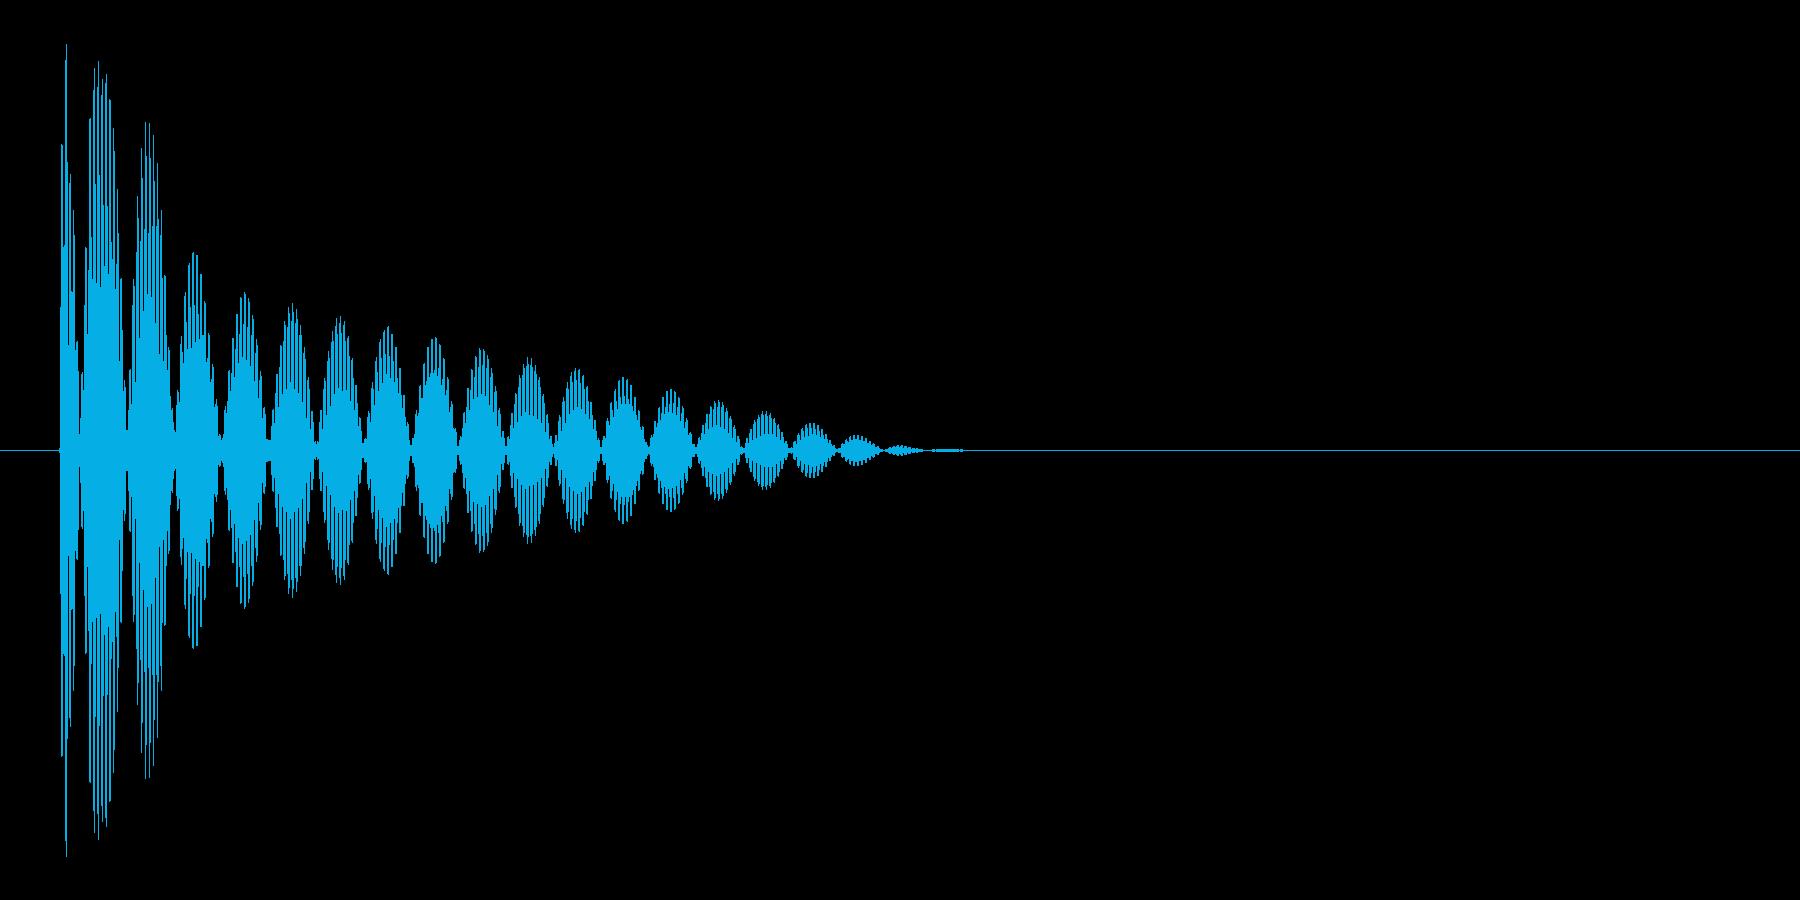 ブー(ビープ音)の再生済みの波形